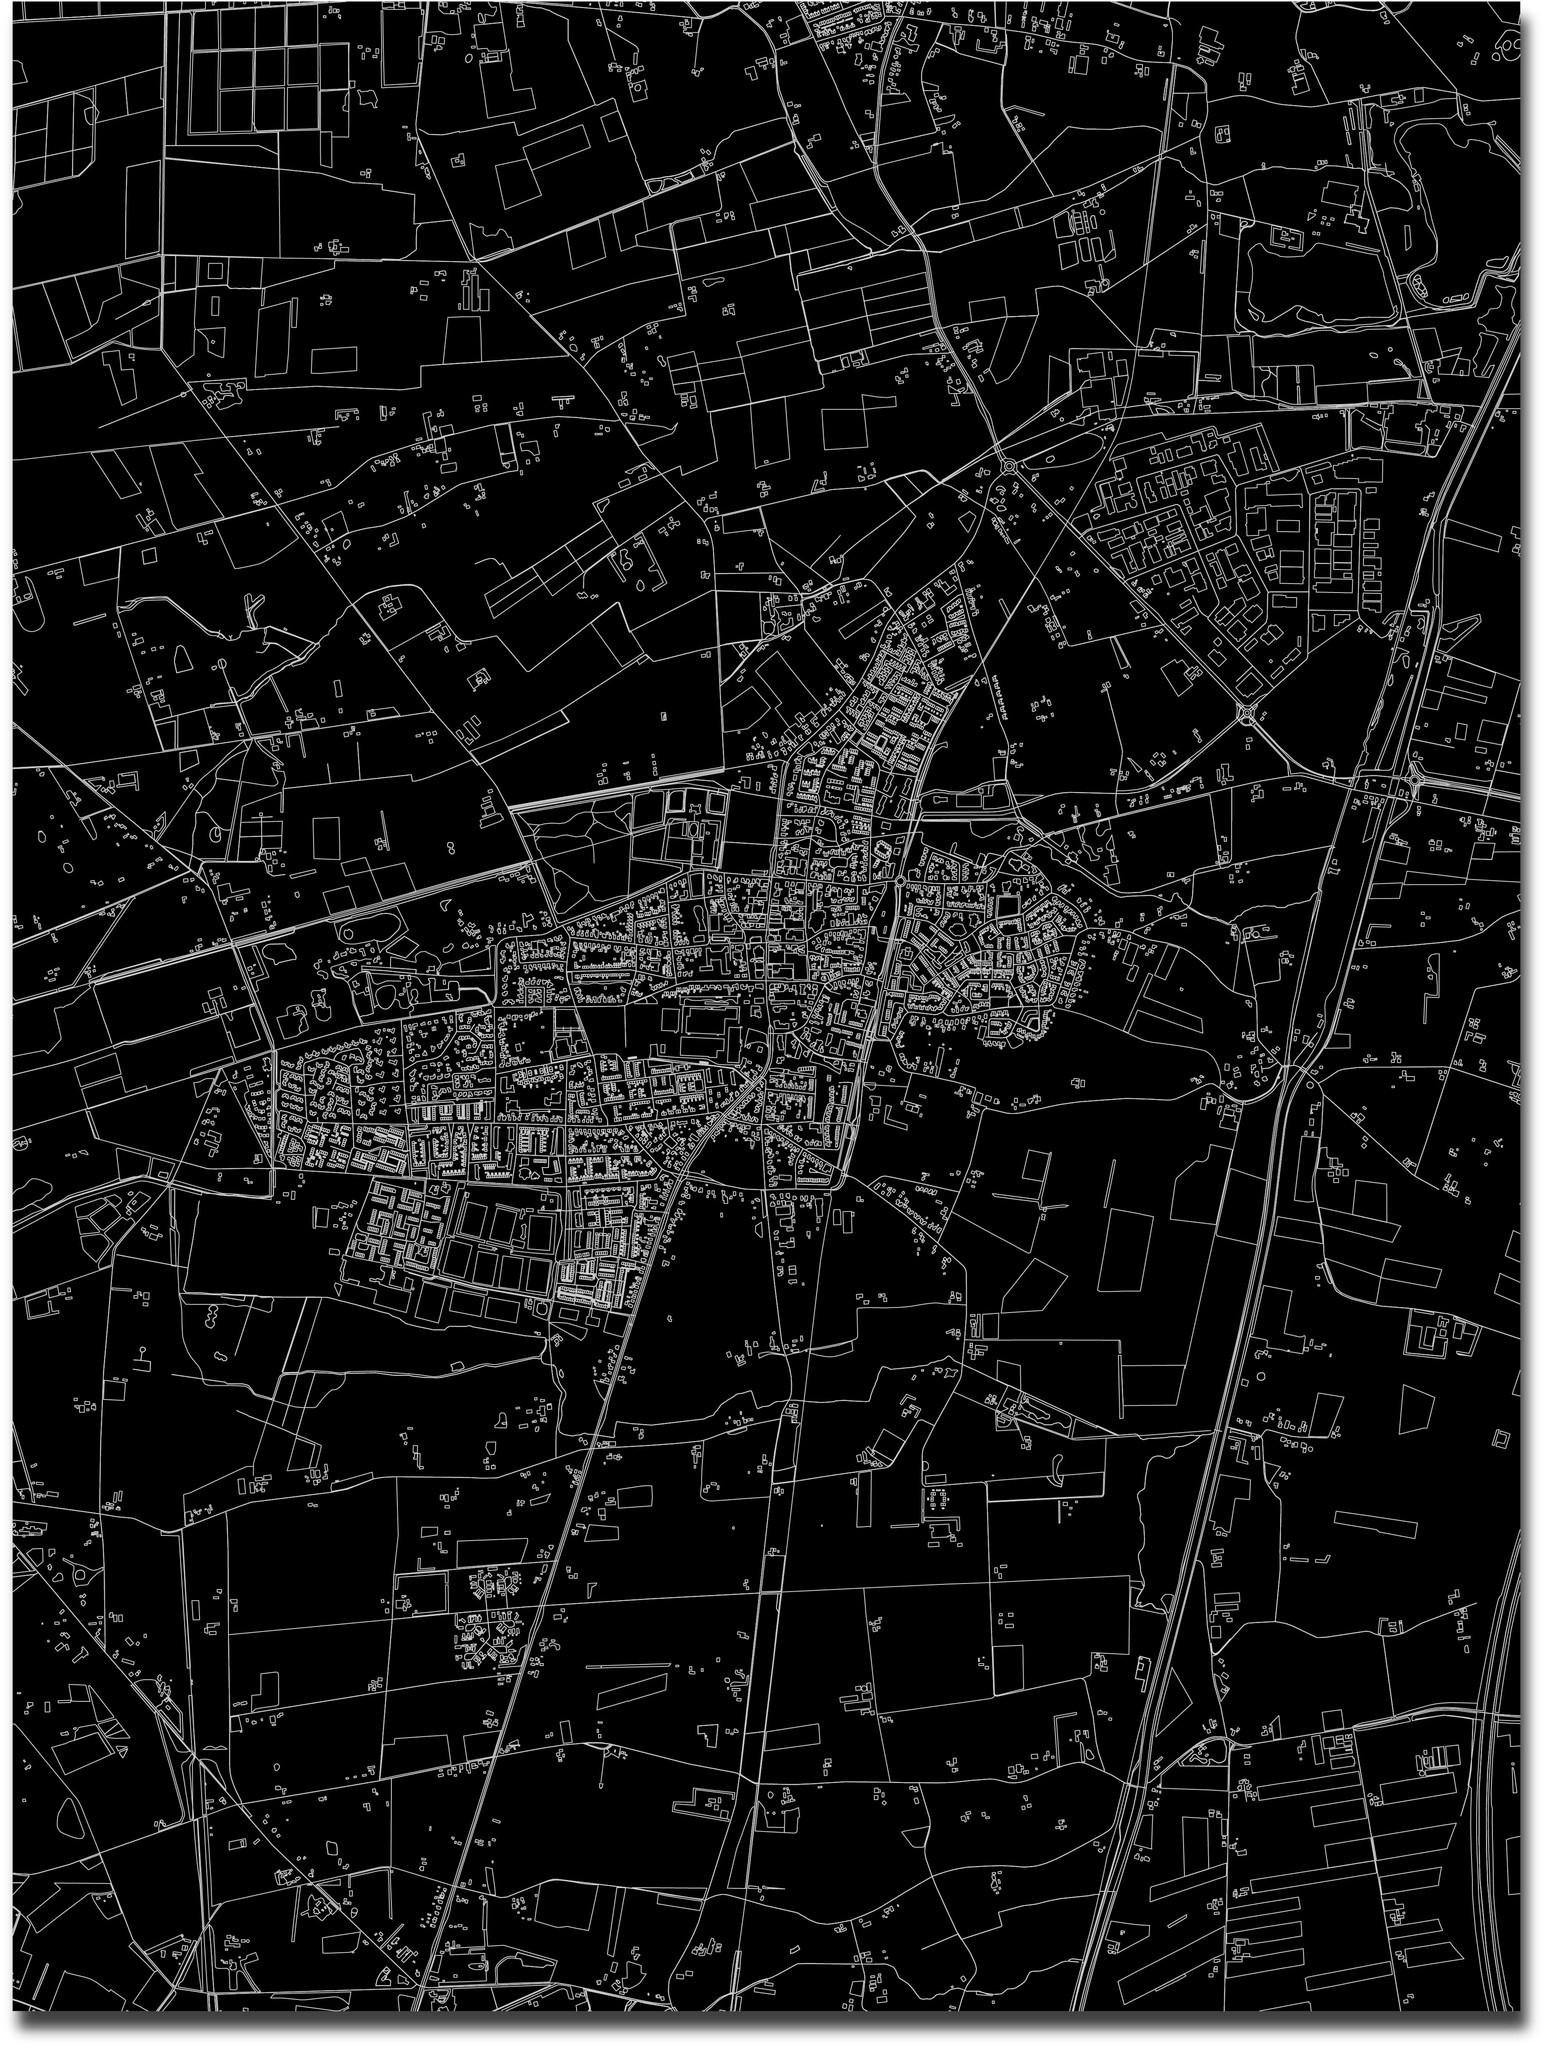 Stadtkarte Vaassen | Aluminium Wanddekoration-3